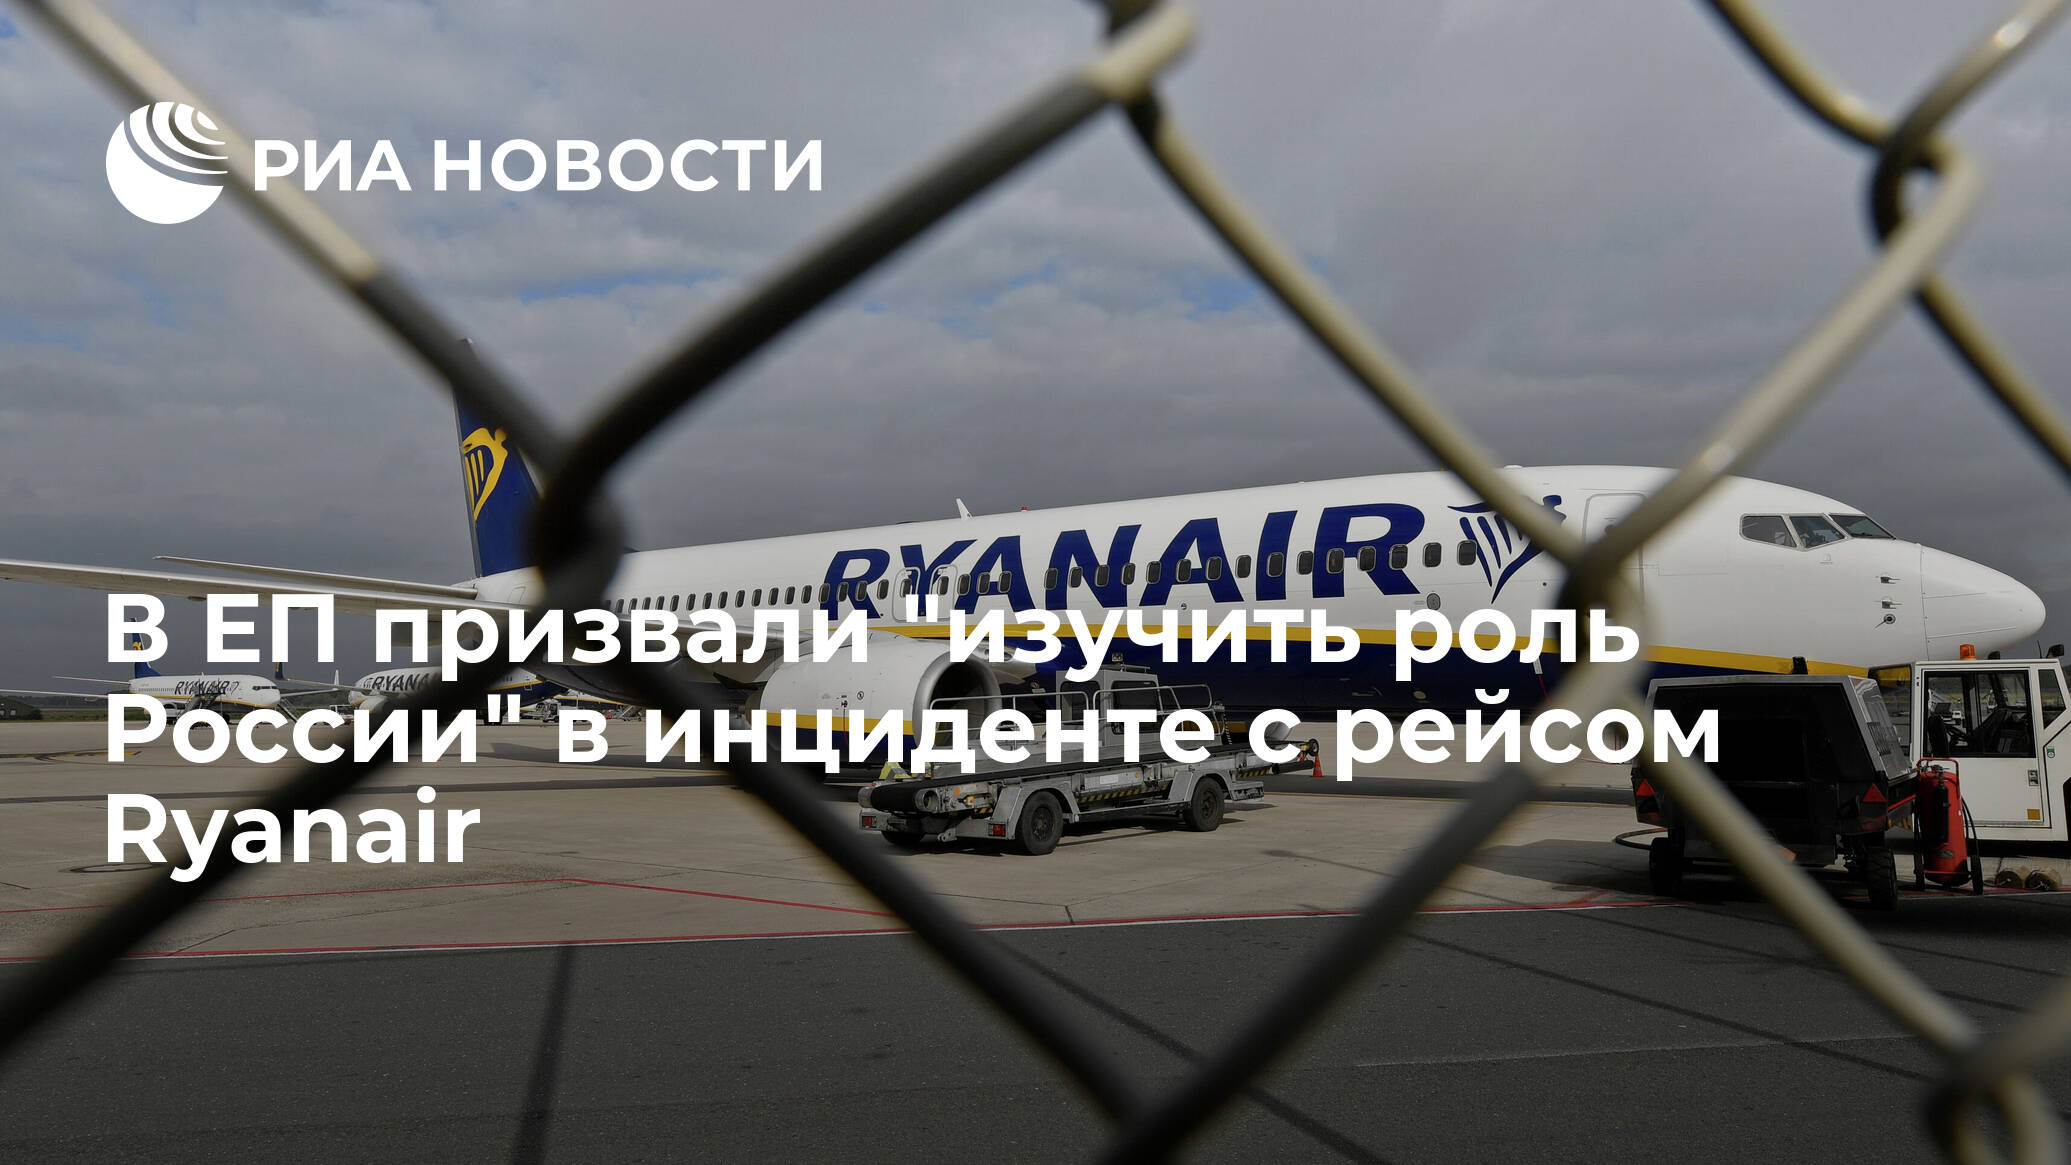 """В ЕП призвали """"изучить роль России"""" в инциденте с рейсом Ryanair"""